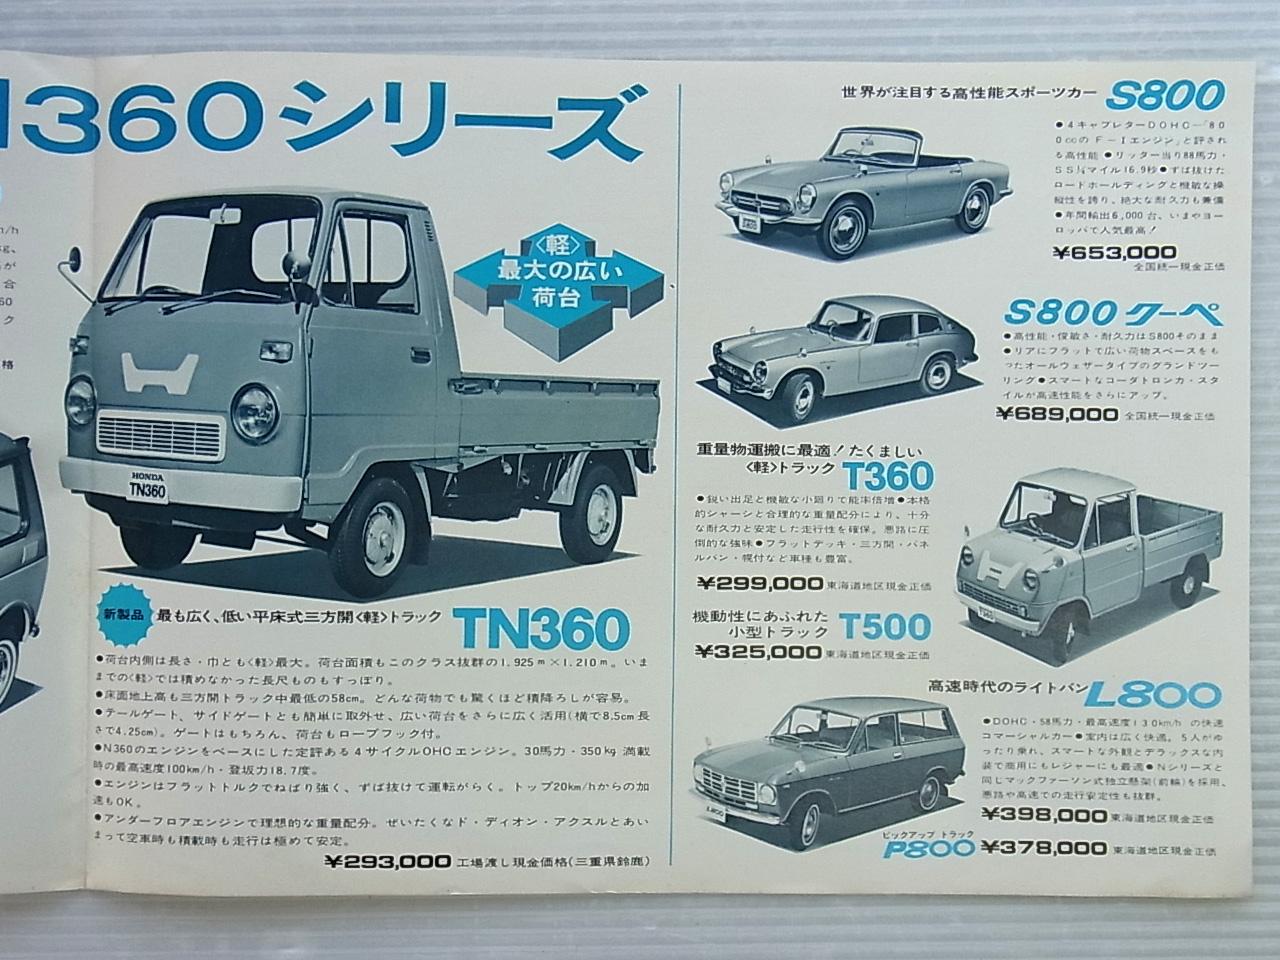 ホンダTN360